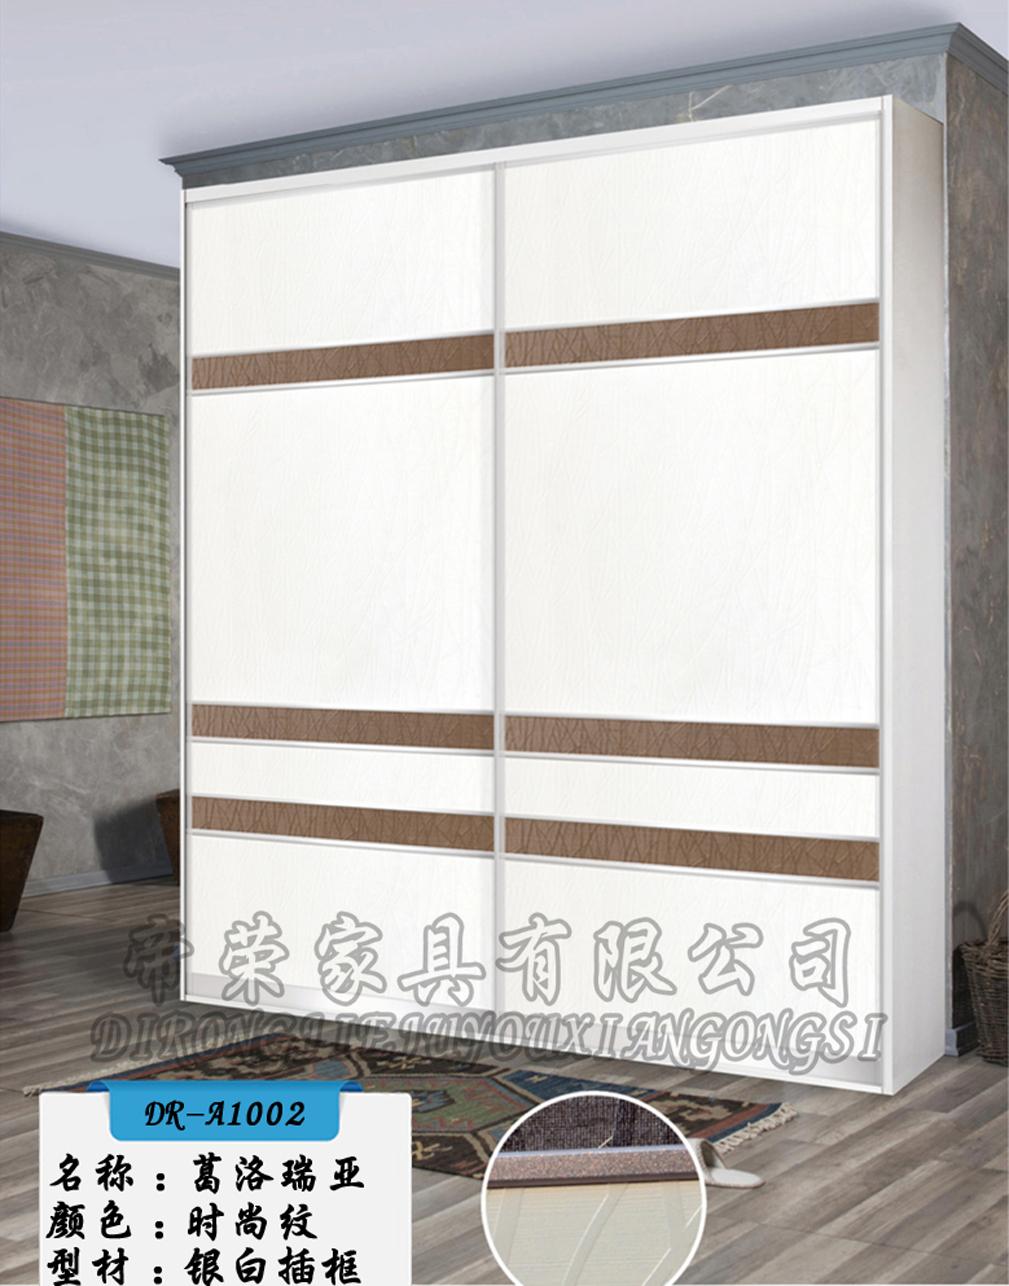 现代简约风格衣柜门 DR A1002葛洛瑞亚